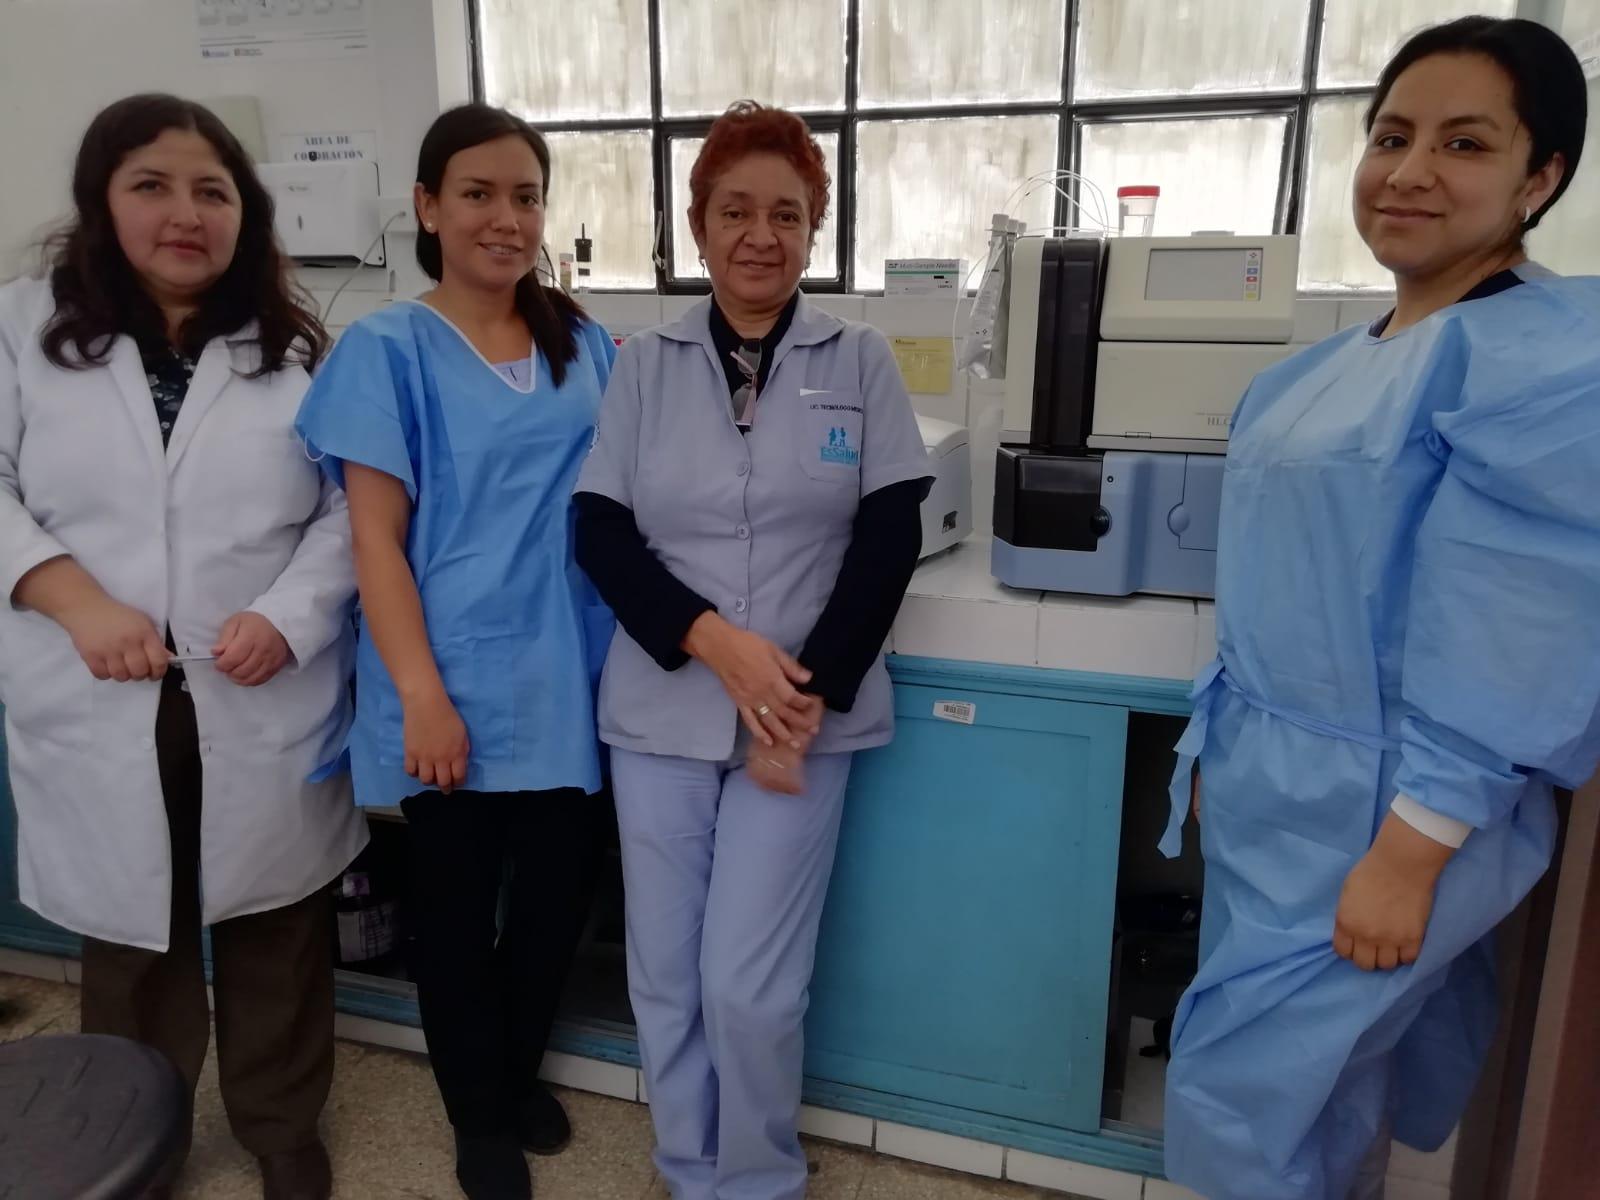 Essalud - EsSalud Cajamarca implementa mejoras en su laboratorio